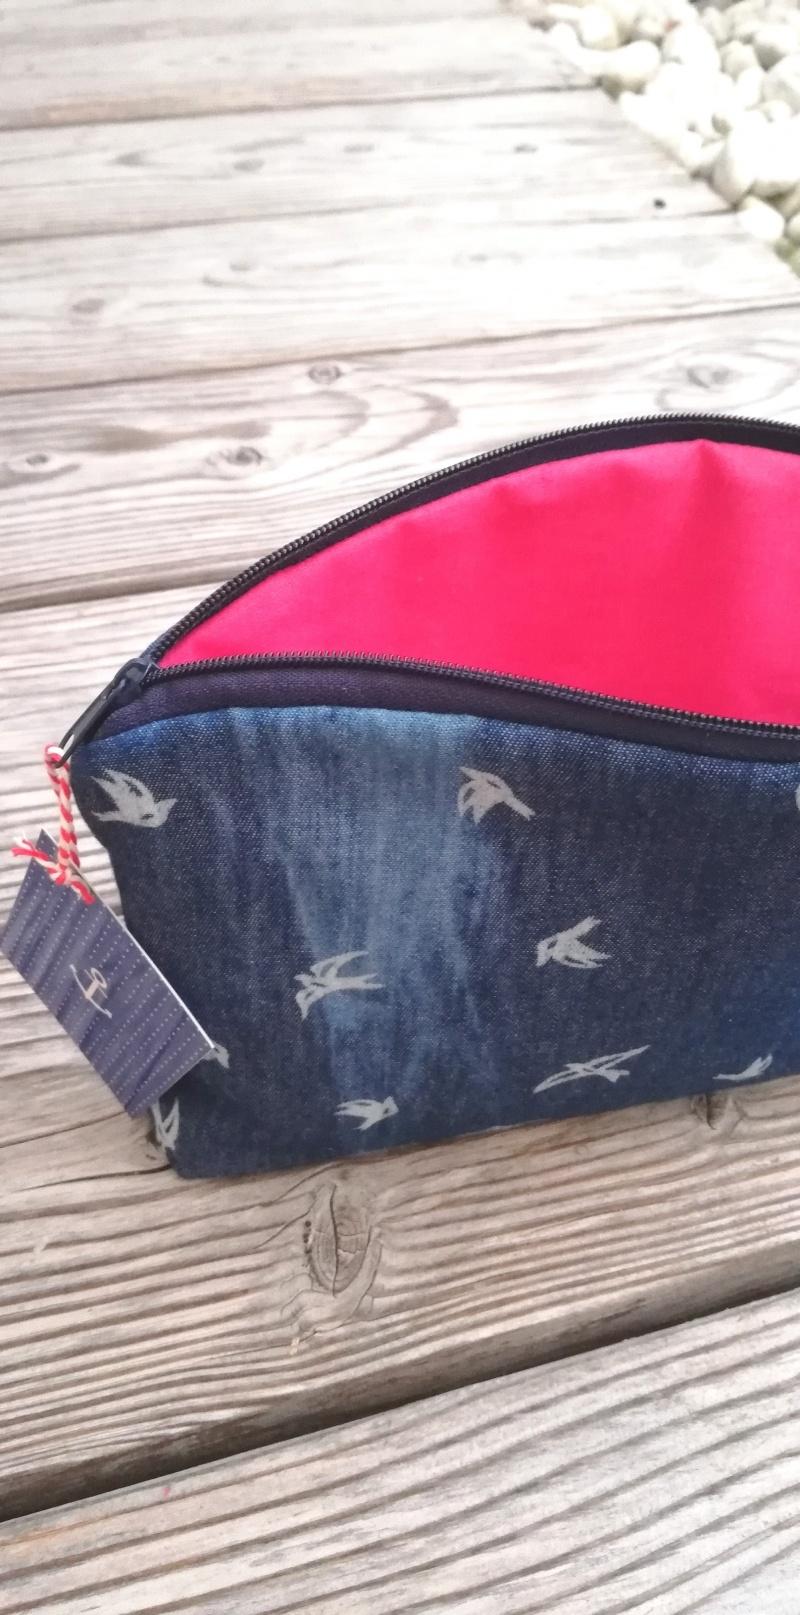 Kleinesbild - Handgenähtes Kosmetiktäschen✂Schminktäschchen maritim✂kleines Täschchen mit Reißverschluß✂weiß blau Schwalben♡Jeansstoff